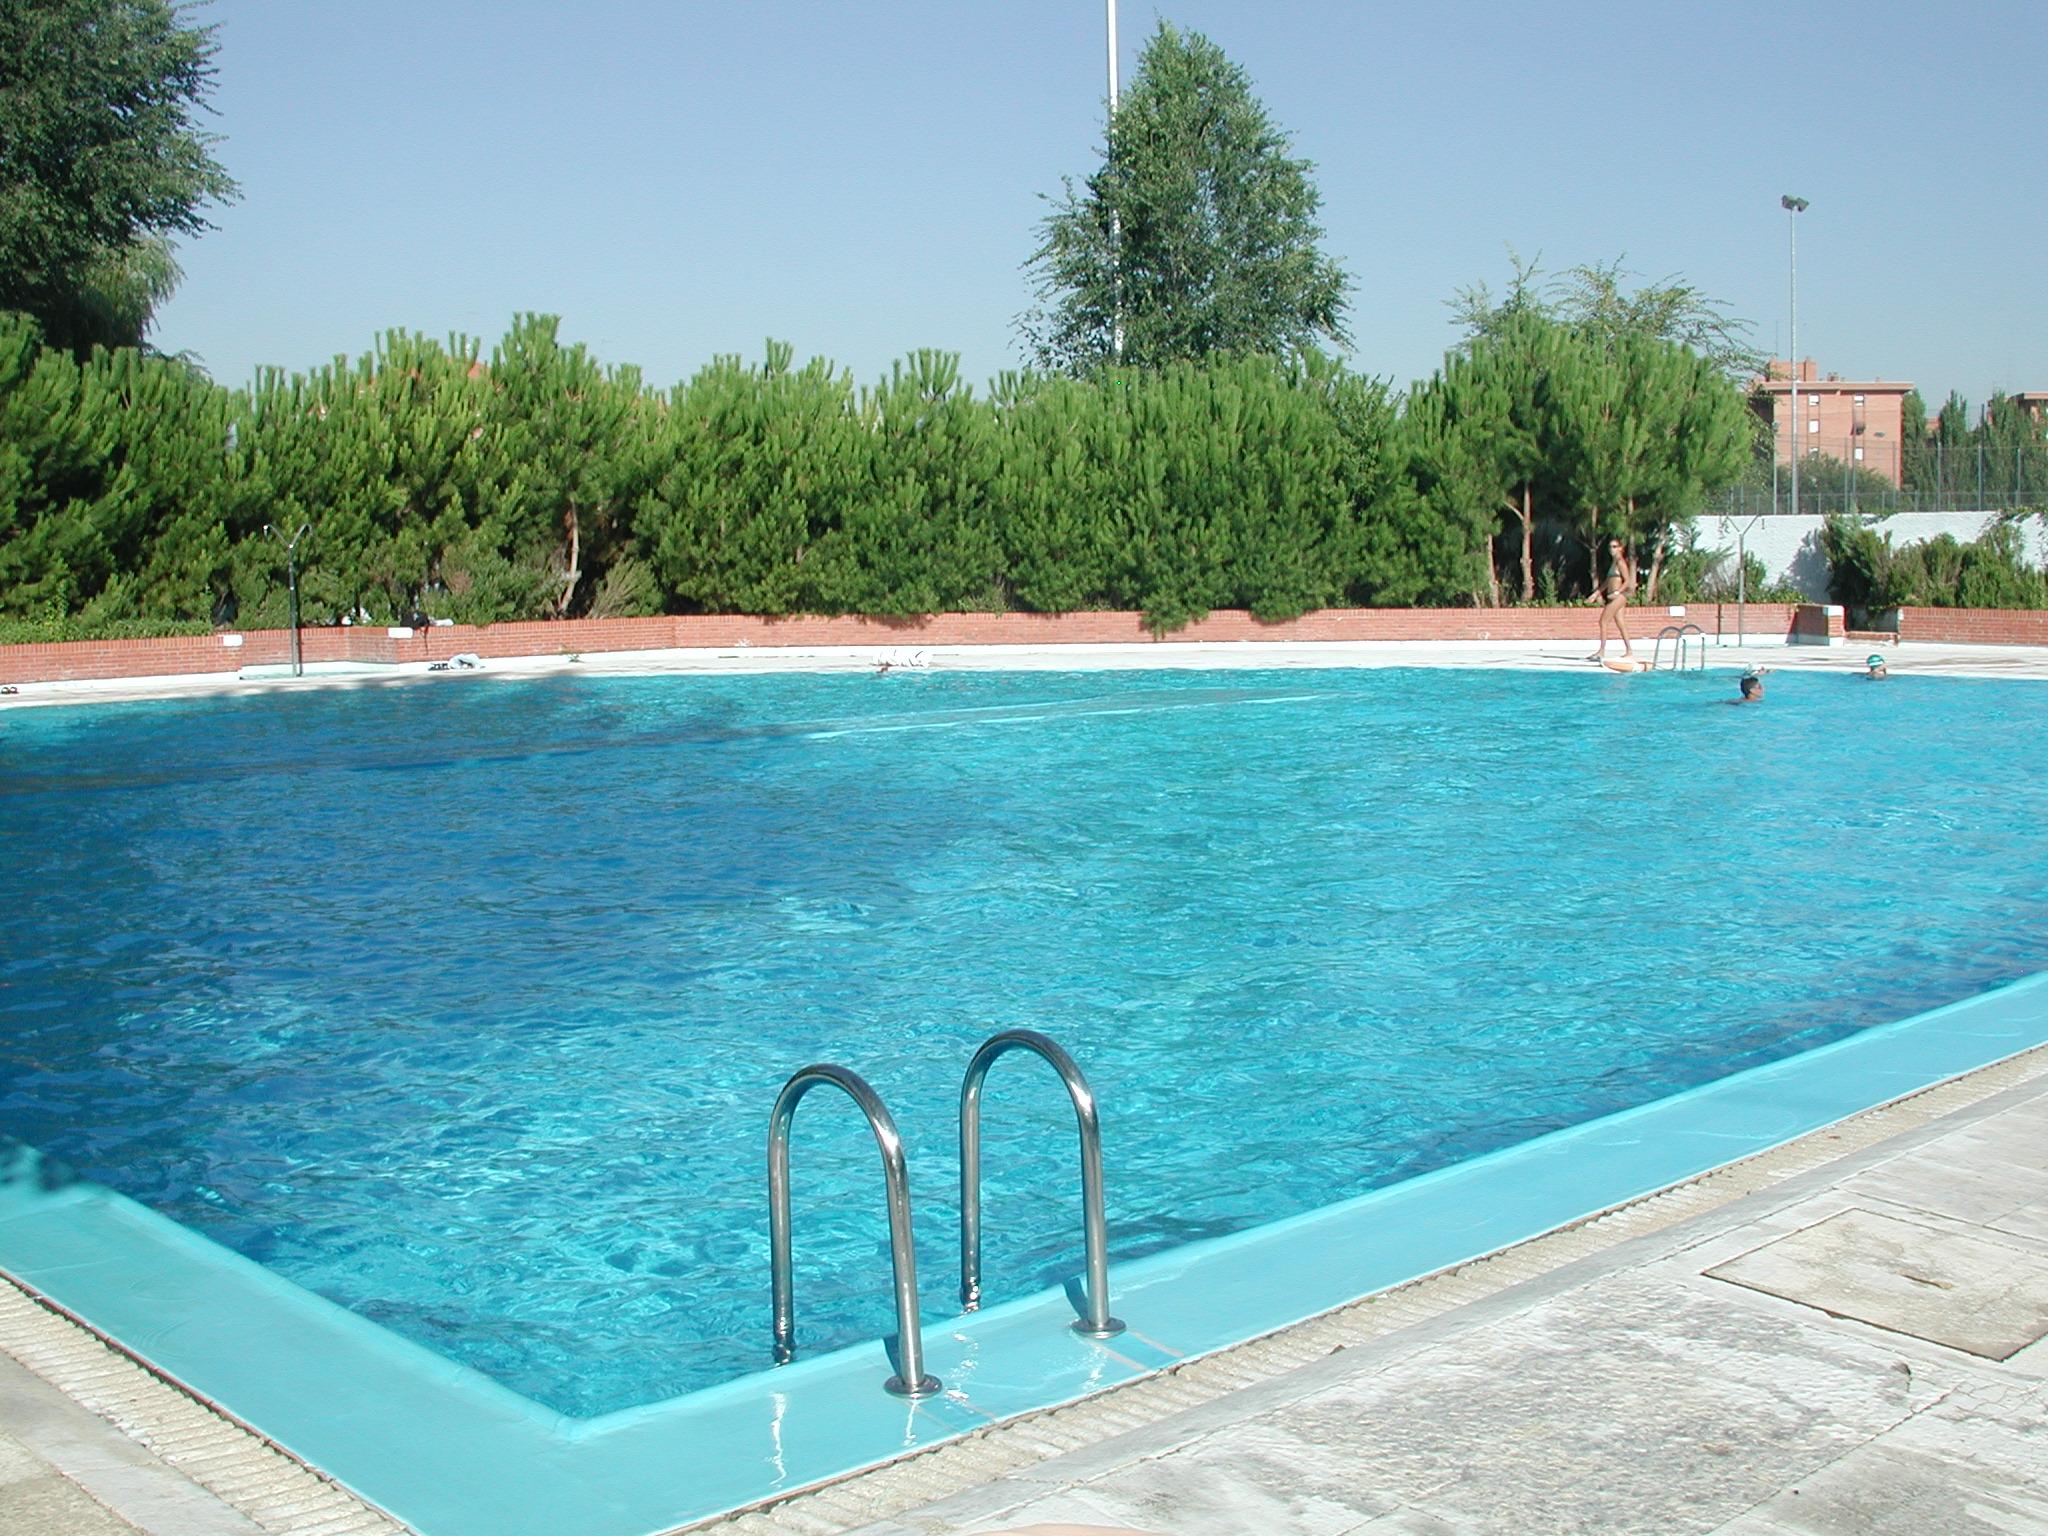 Las piscinas municipales de parla abren el 21 de junio for Las mejores piscinas municipales de madrid